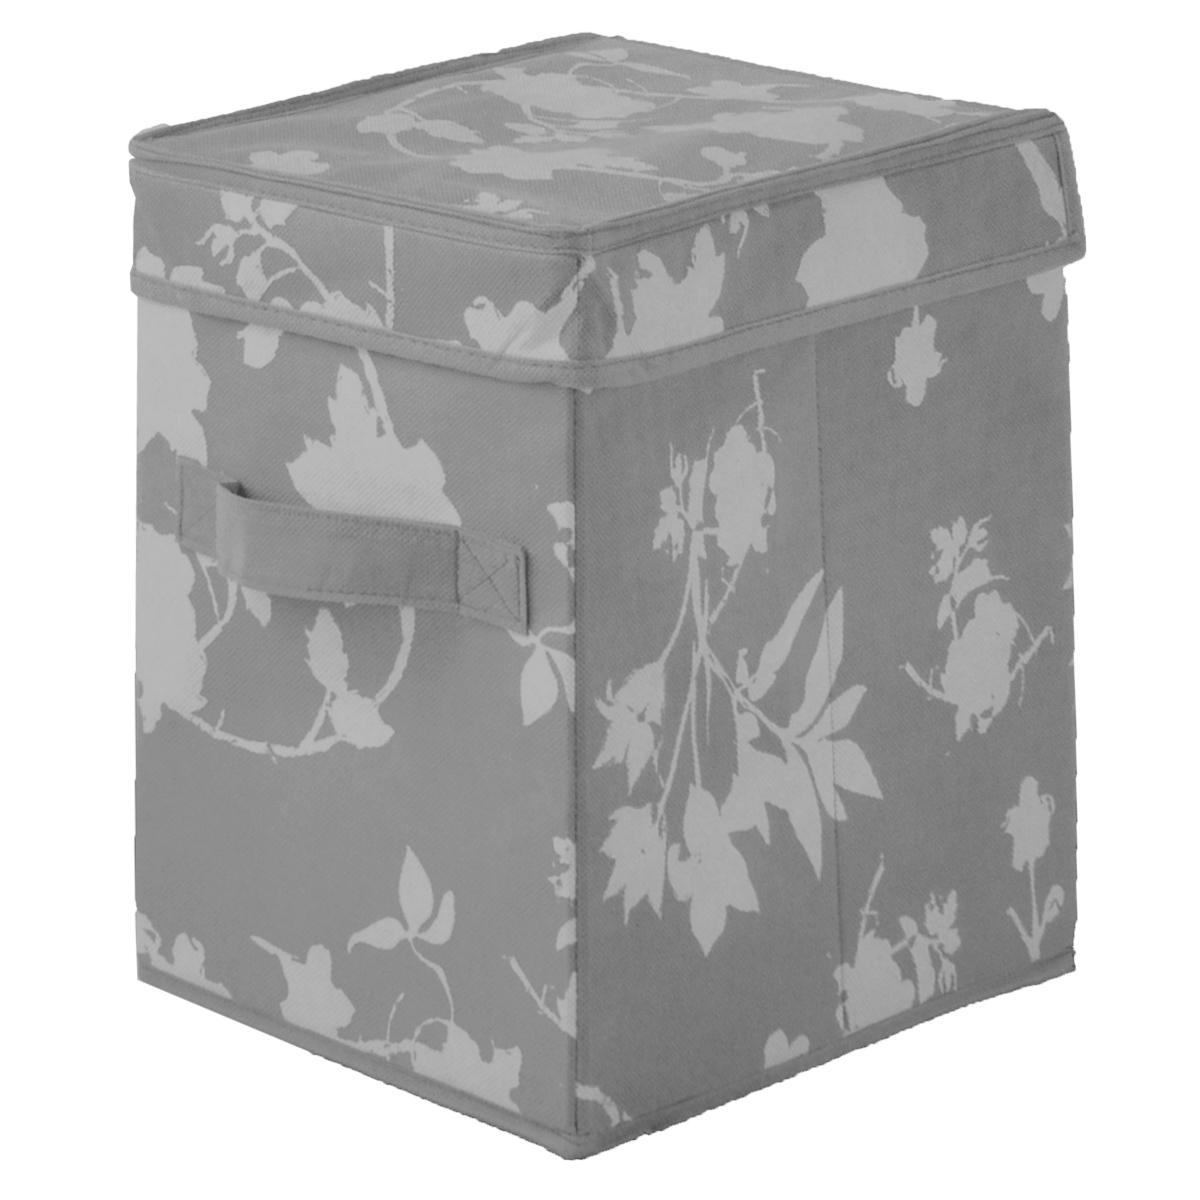 Кофр для хранения Цветочные мотивы, цвет: серый, 19 см х 27 см х 27 смFS-6703Кофр для хранения Цветочные мотивы изготовлен из высококачественного нетканого материала, который позволяет сохранять естественную вентиляцию, а воздуху свободно проникать внутрь, не пропуская пыль. Предназначен для хранения белья и мелких вещей, оснащен крышкой. Благодаря специальным вставкам, кофр прекрасно держит форму, а эстетичный дизайн с красивым растительным узором гармонично смотрится в любом интерьере. Кофр оснащен ручкой, которая позволяет использовать его в качестве выдвижного ящика в гардеробе или шкафу. Мобильность конструкции обеспечивает легкое складывание и раскладывание.